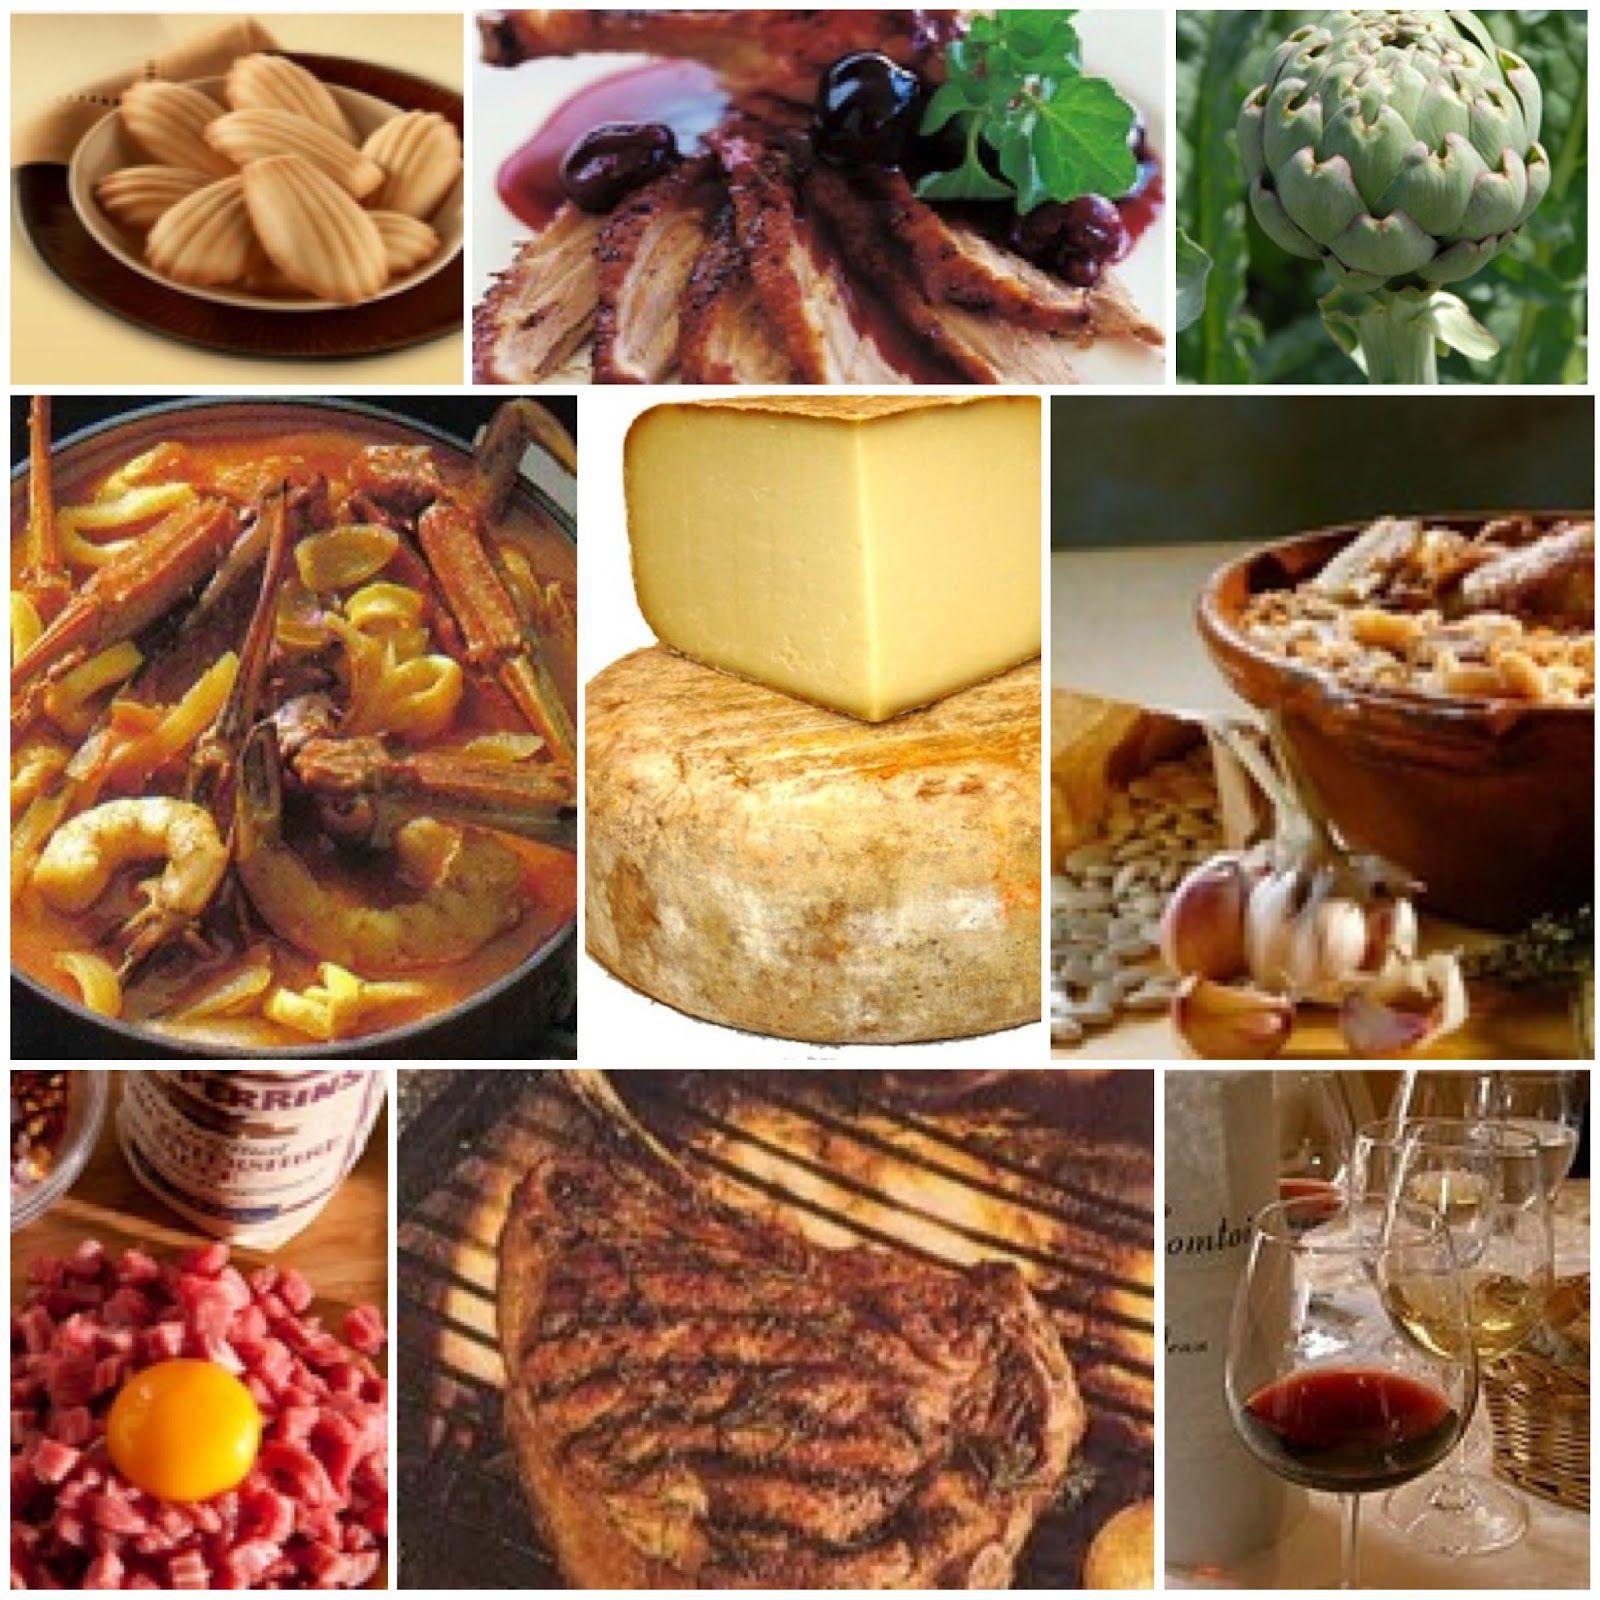 Cuisine fran aise bons produits cuisine traditionnelle brasserie terroir authentique - Cuisine traditionnelle francaise ...